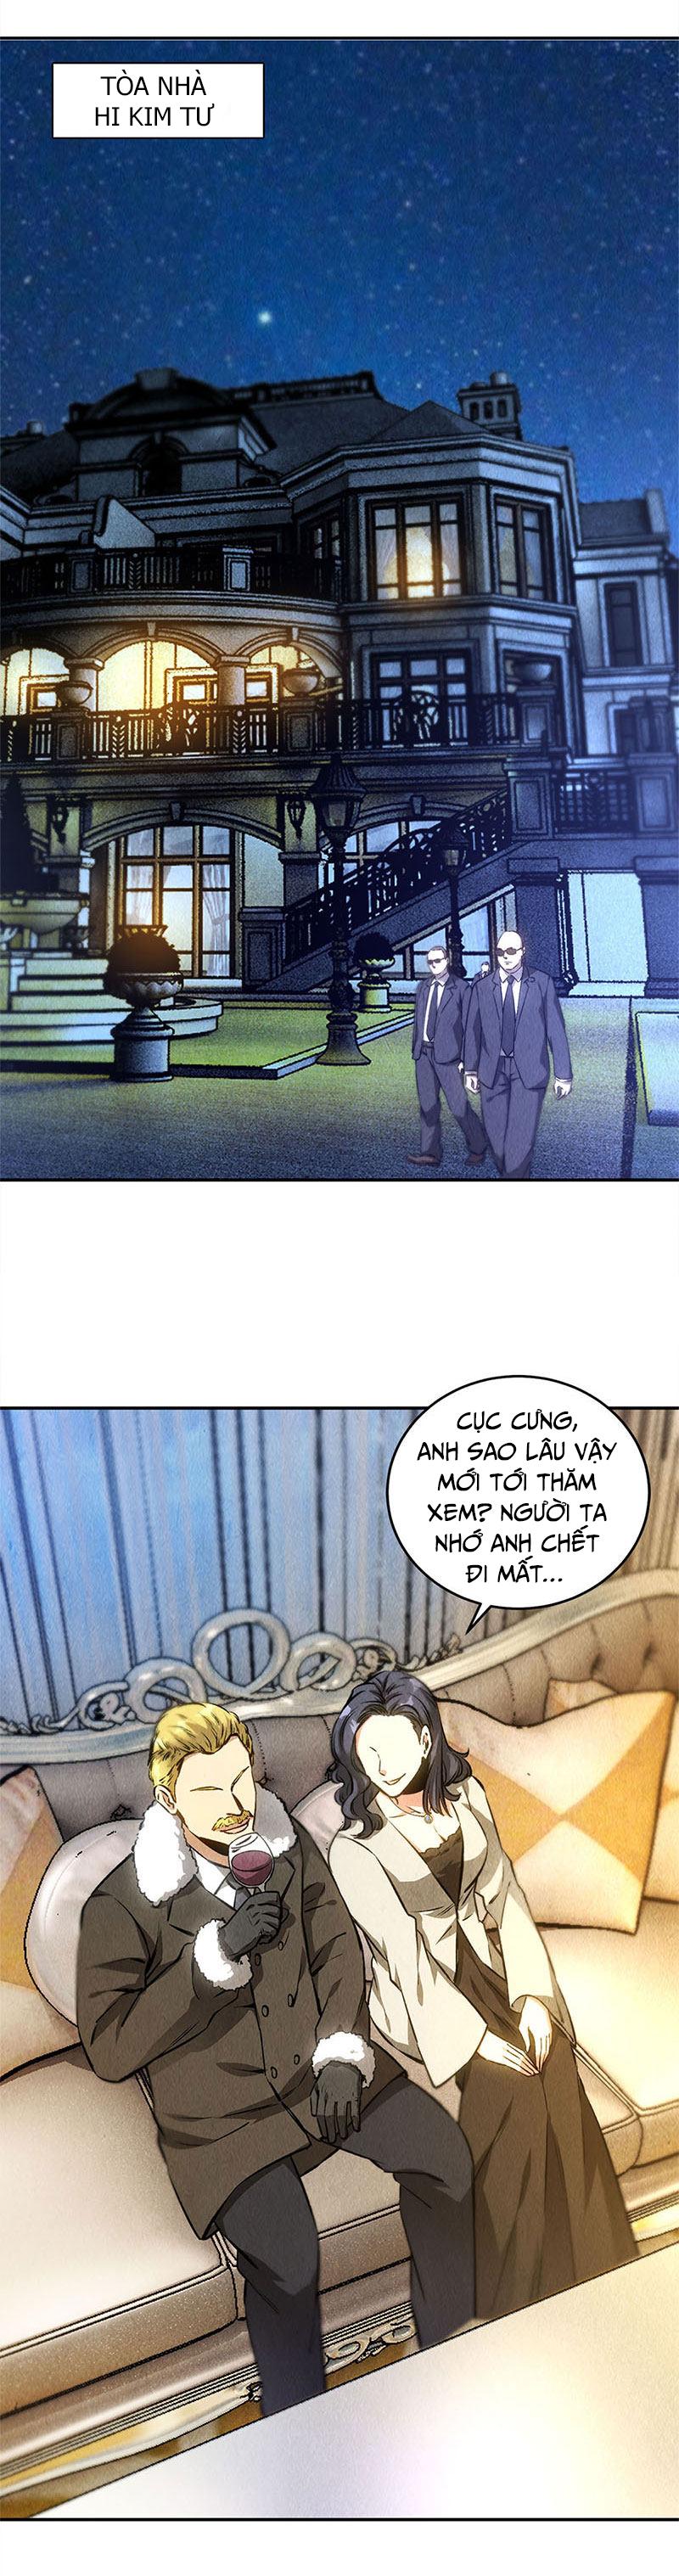 Ta Là Phế Vật chap 111 - Trang 11